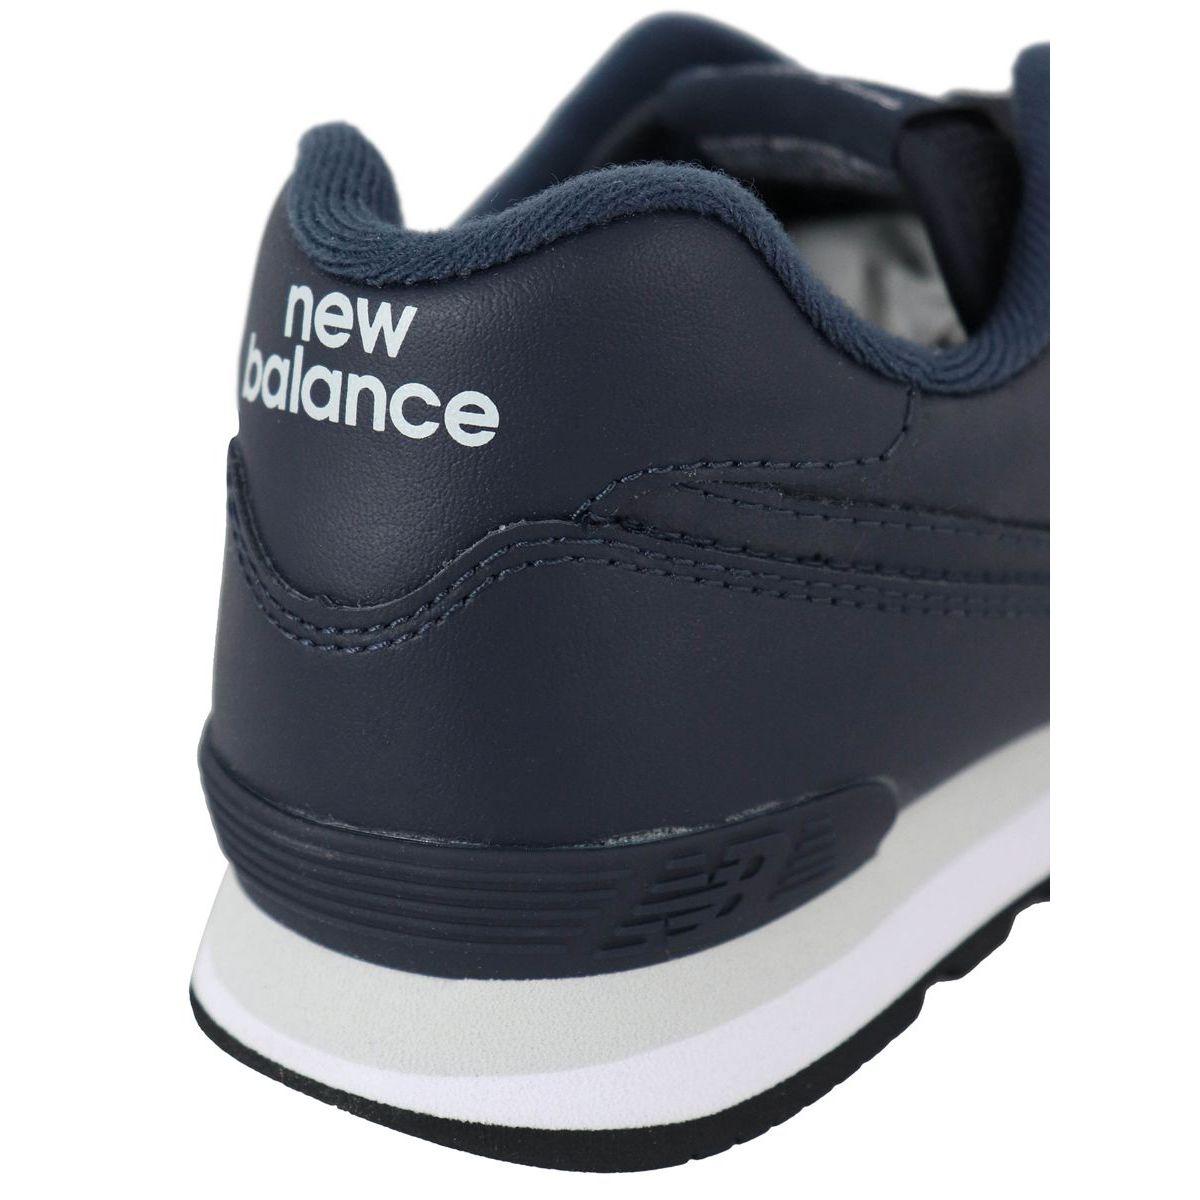 new balance 574 bambini 32